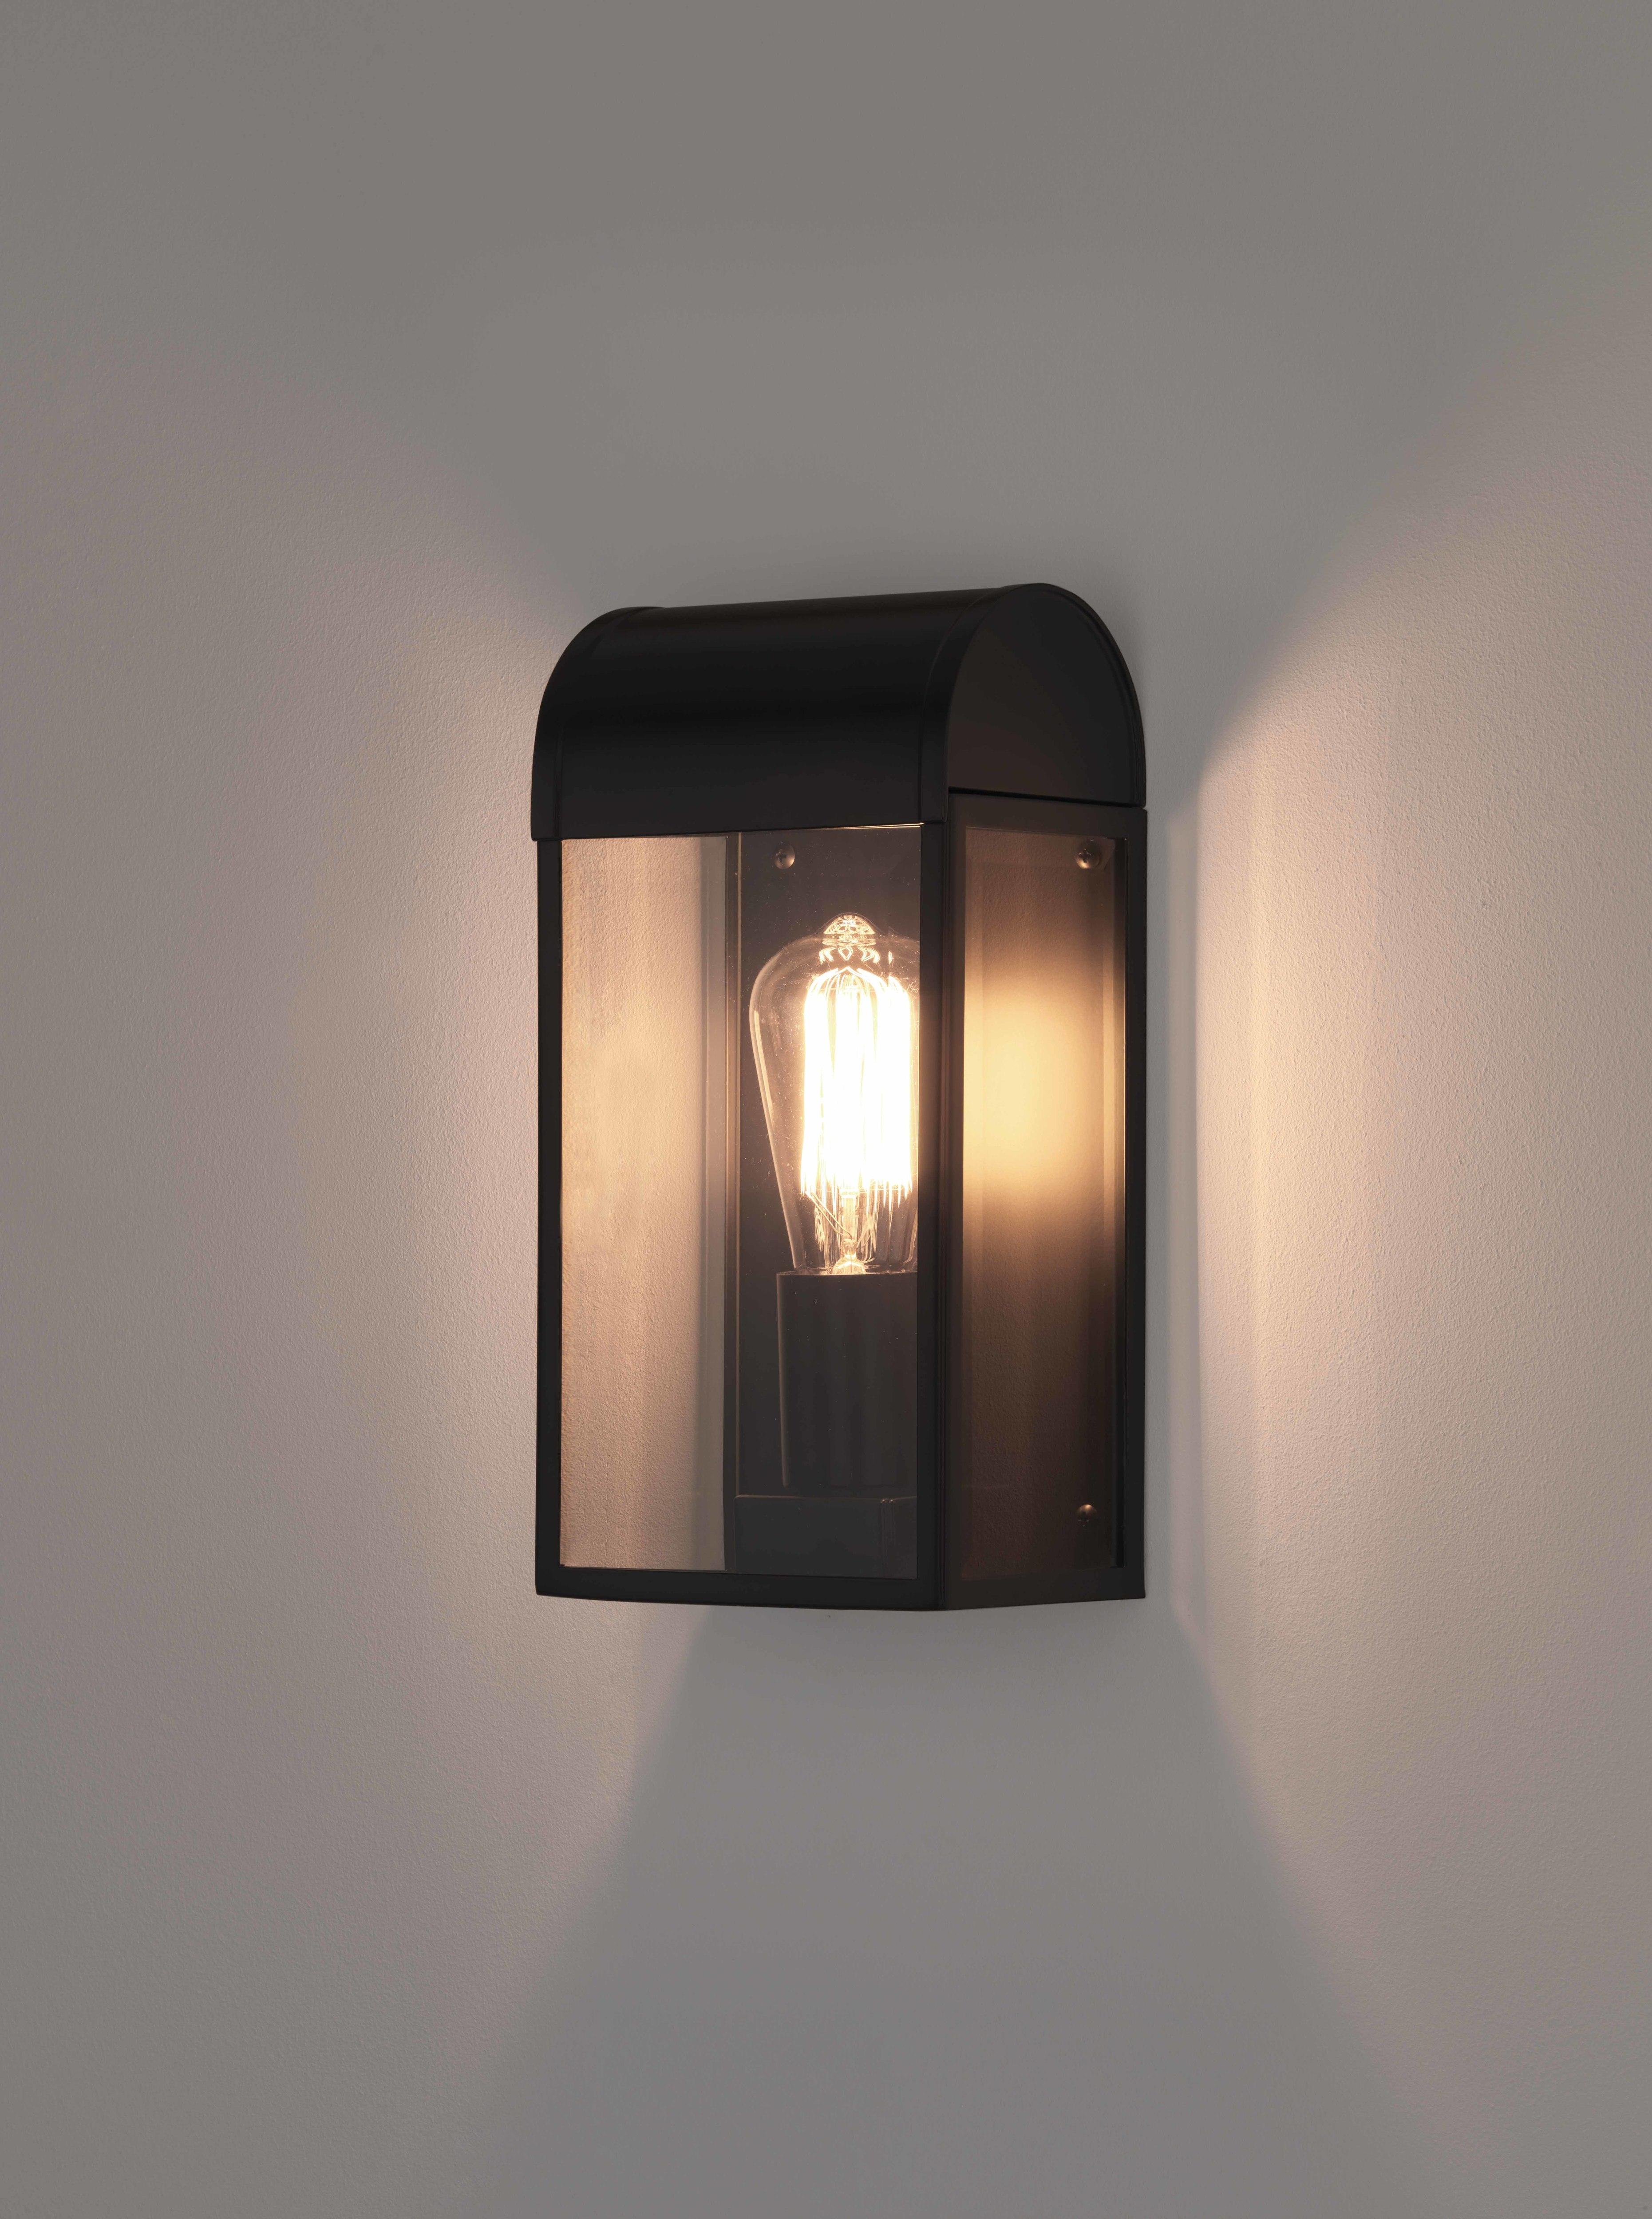 Настенный светильник Astro Newbury 1339001 (7267), IP44, 1xE27x60W, черный, прозрачный, металл, стекло - фото 1